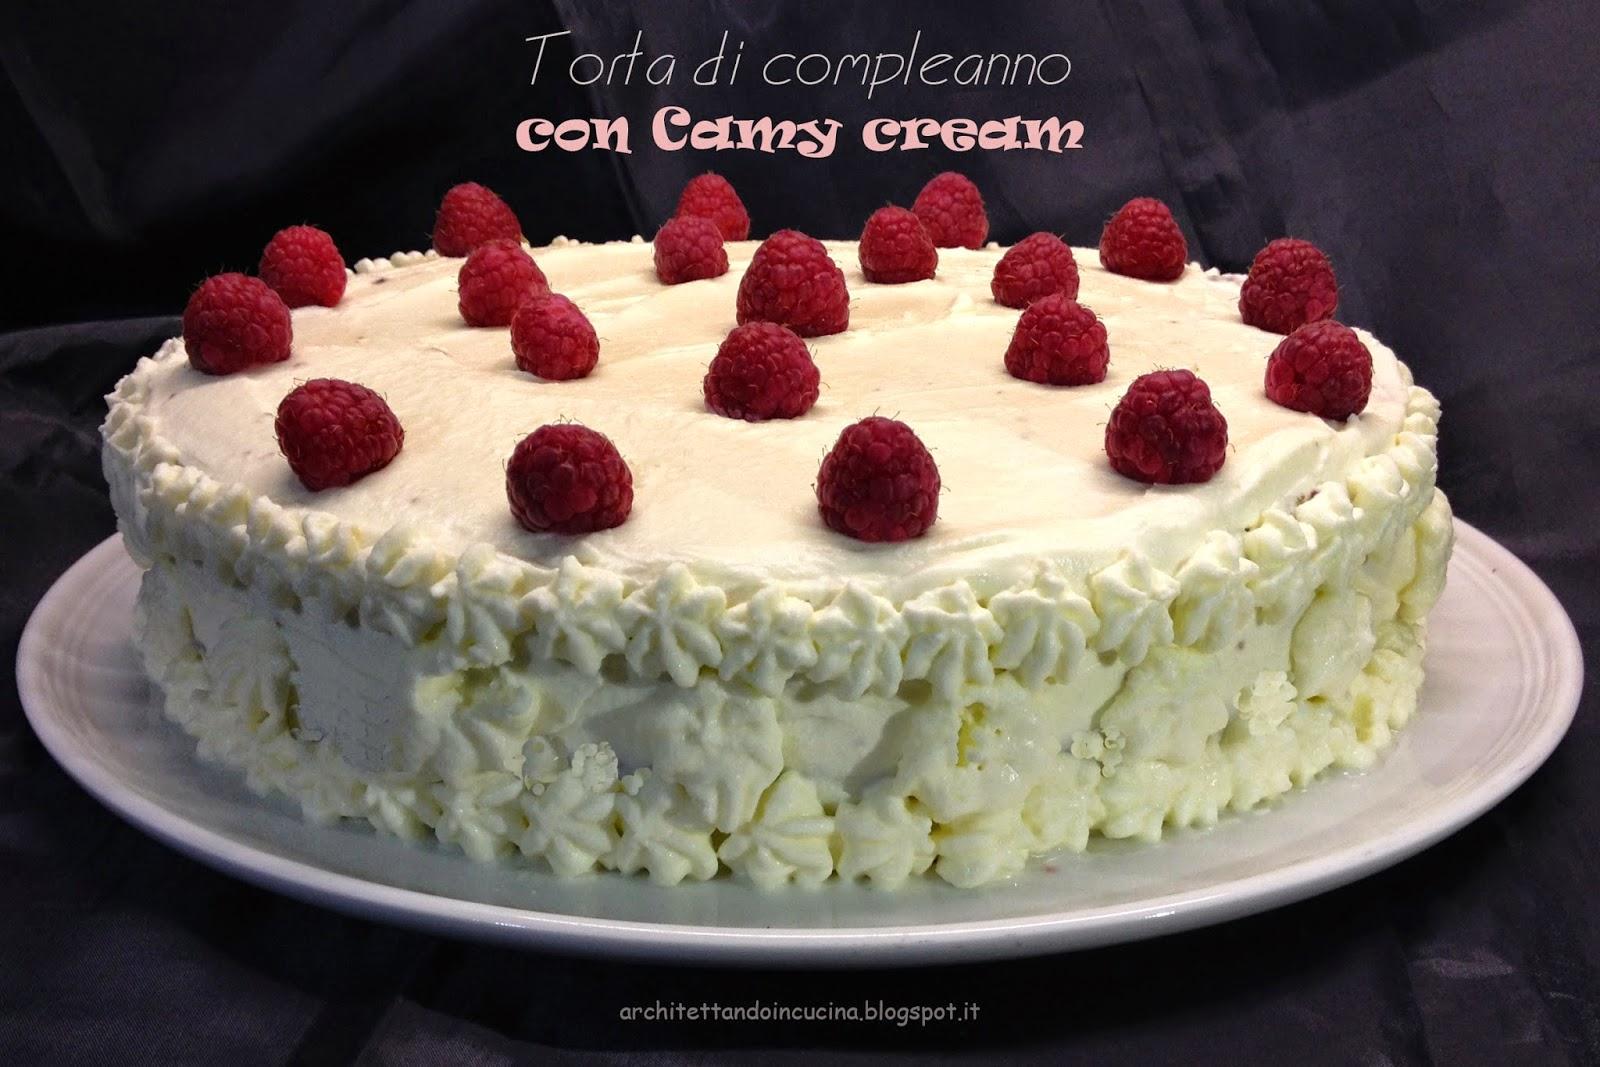 La ricetta della torta di compleanno